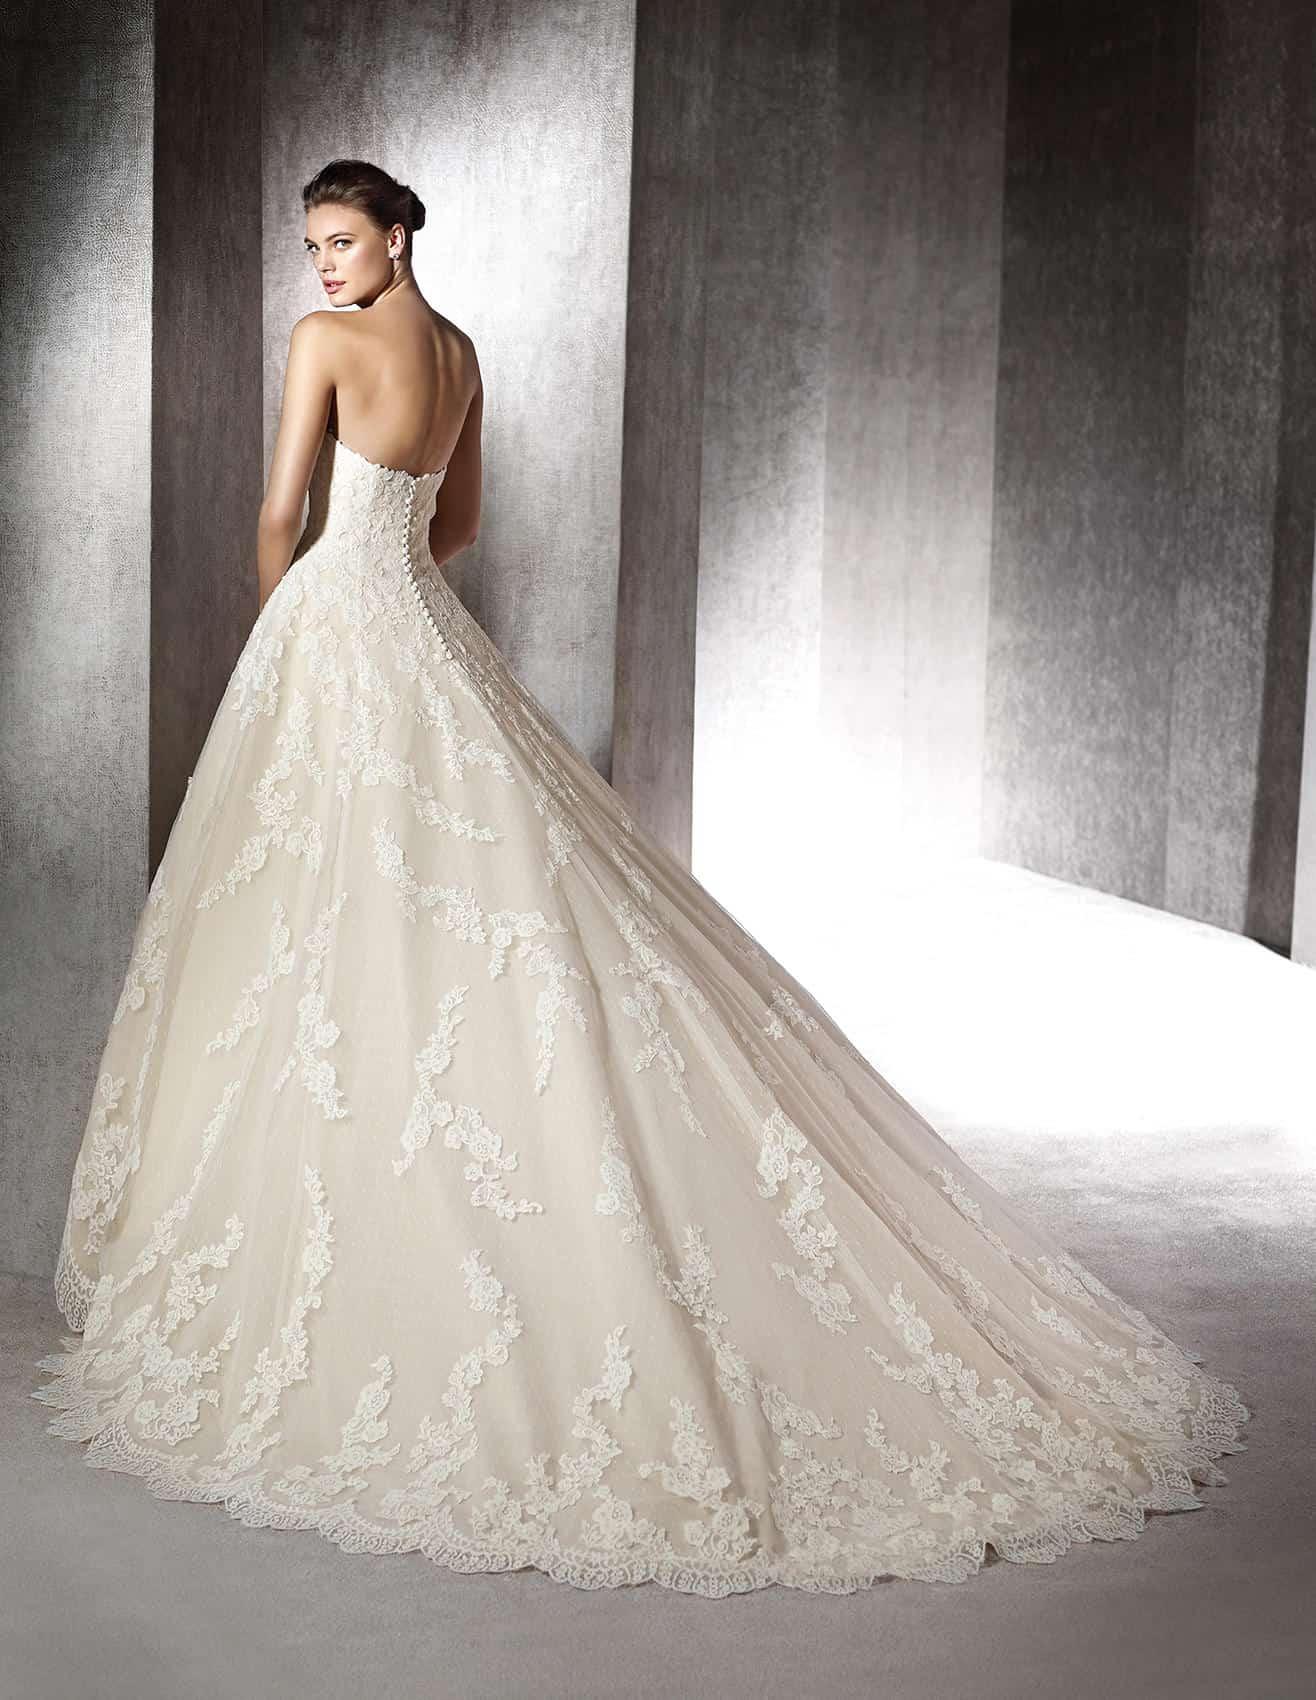 Bellissima Bridal Design